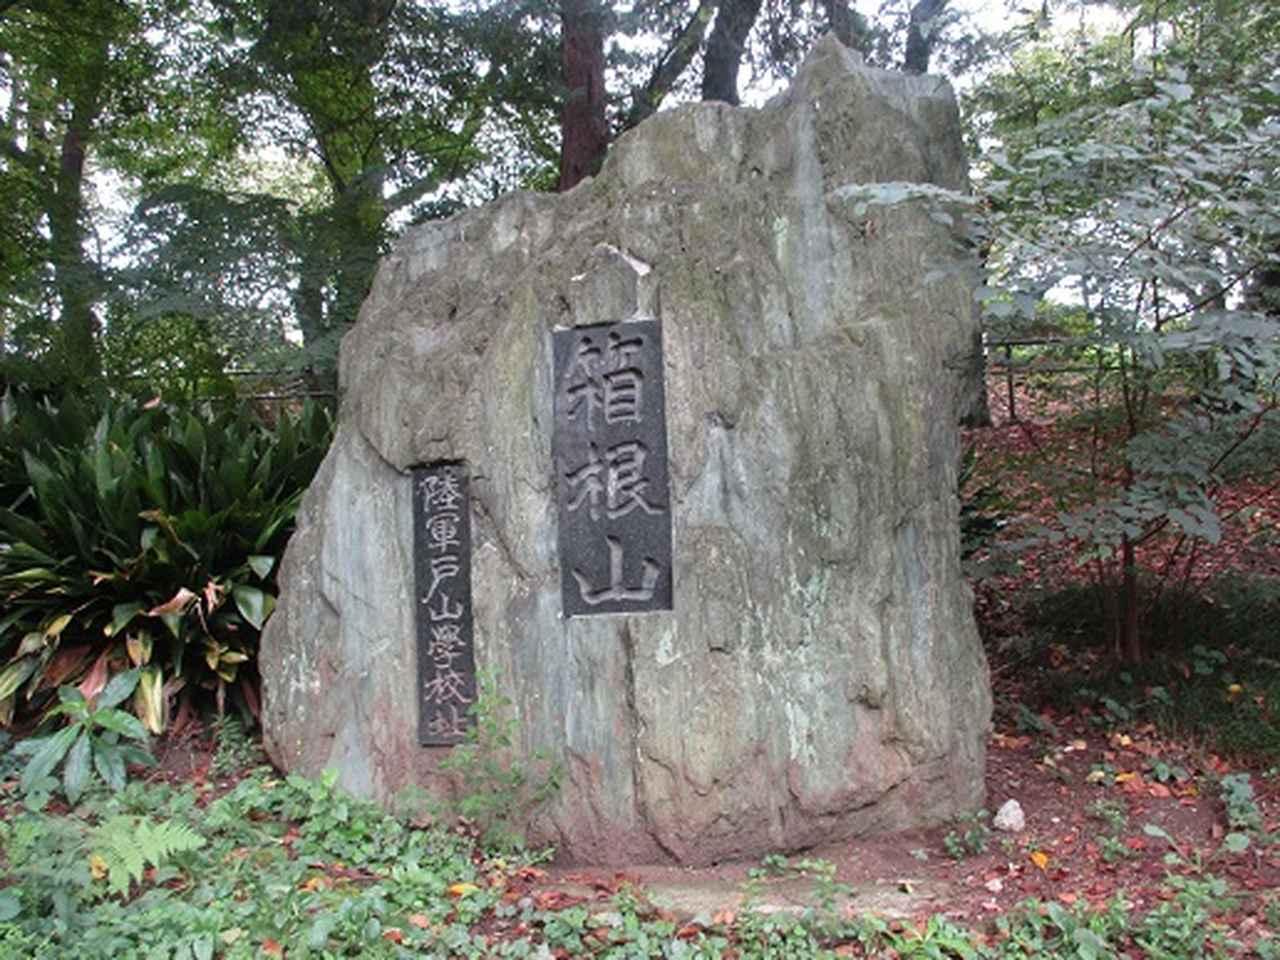 画像5: 【山旅会・登山ガイドこだわりツアー】岡田ガイドからの便り・都内の山の下見にいってまいりました!